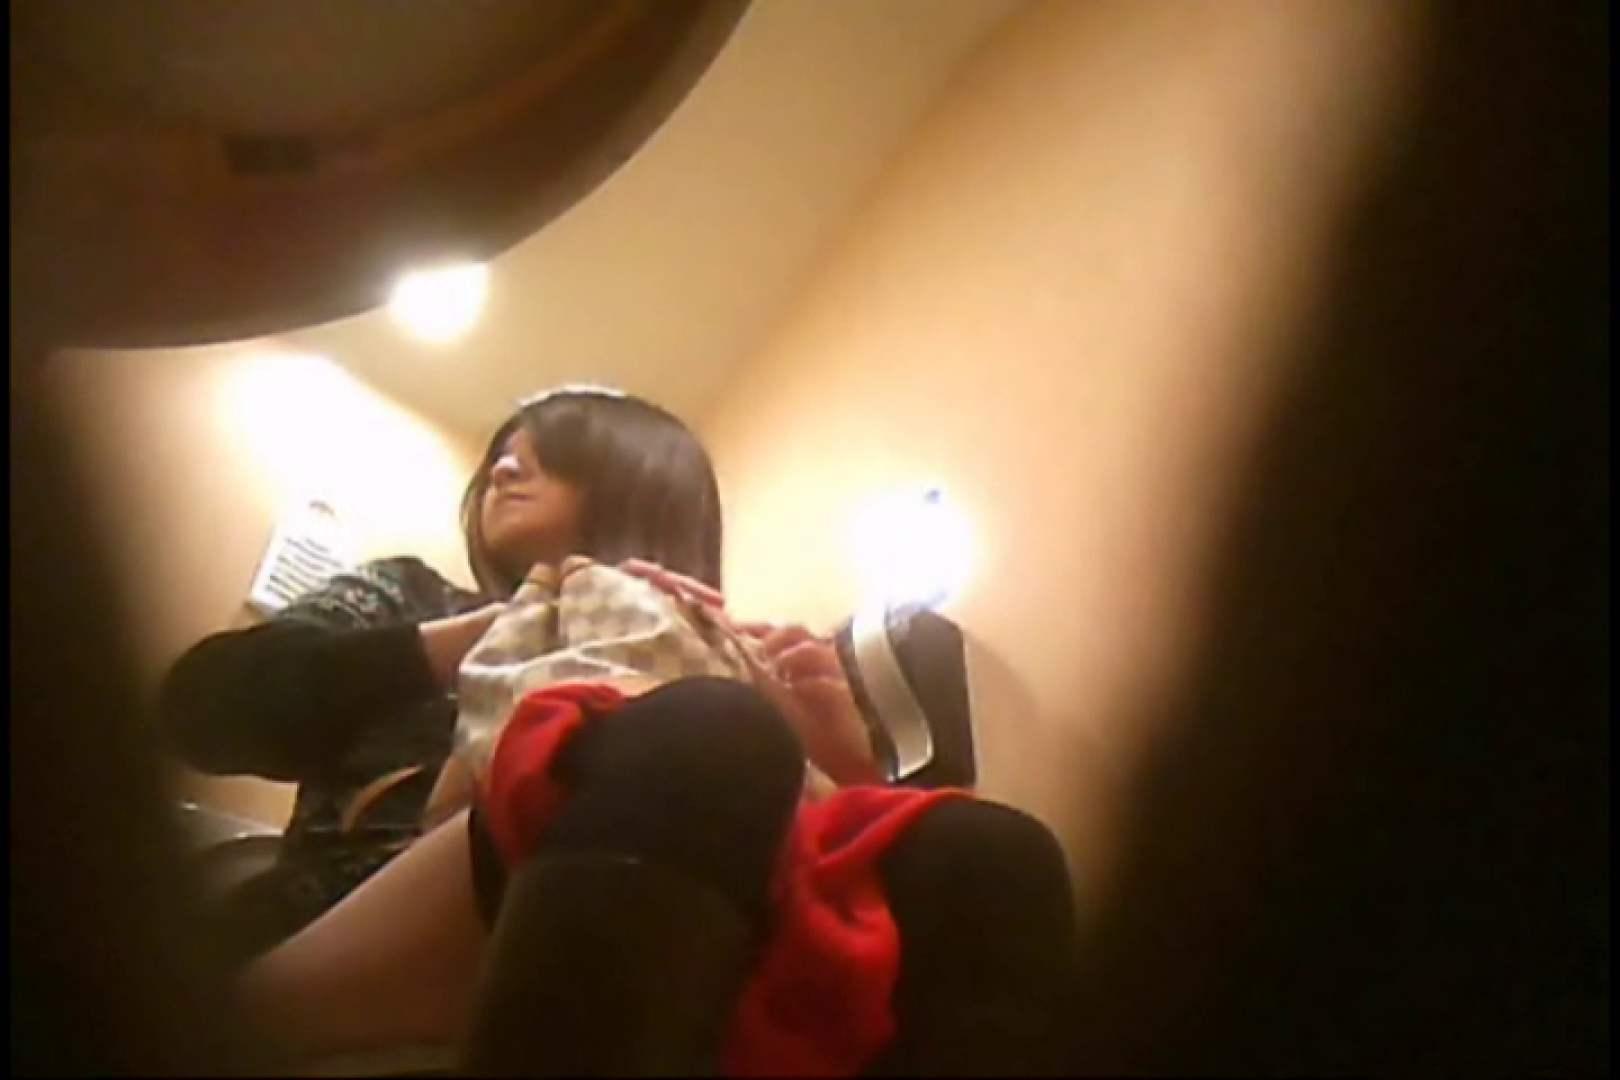 潜入!!女子化粧室盗撮~絶対見られたくない時間~vo,88 熟女のエロ動画 えろ無修正画像 101PIX 53